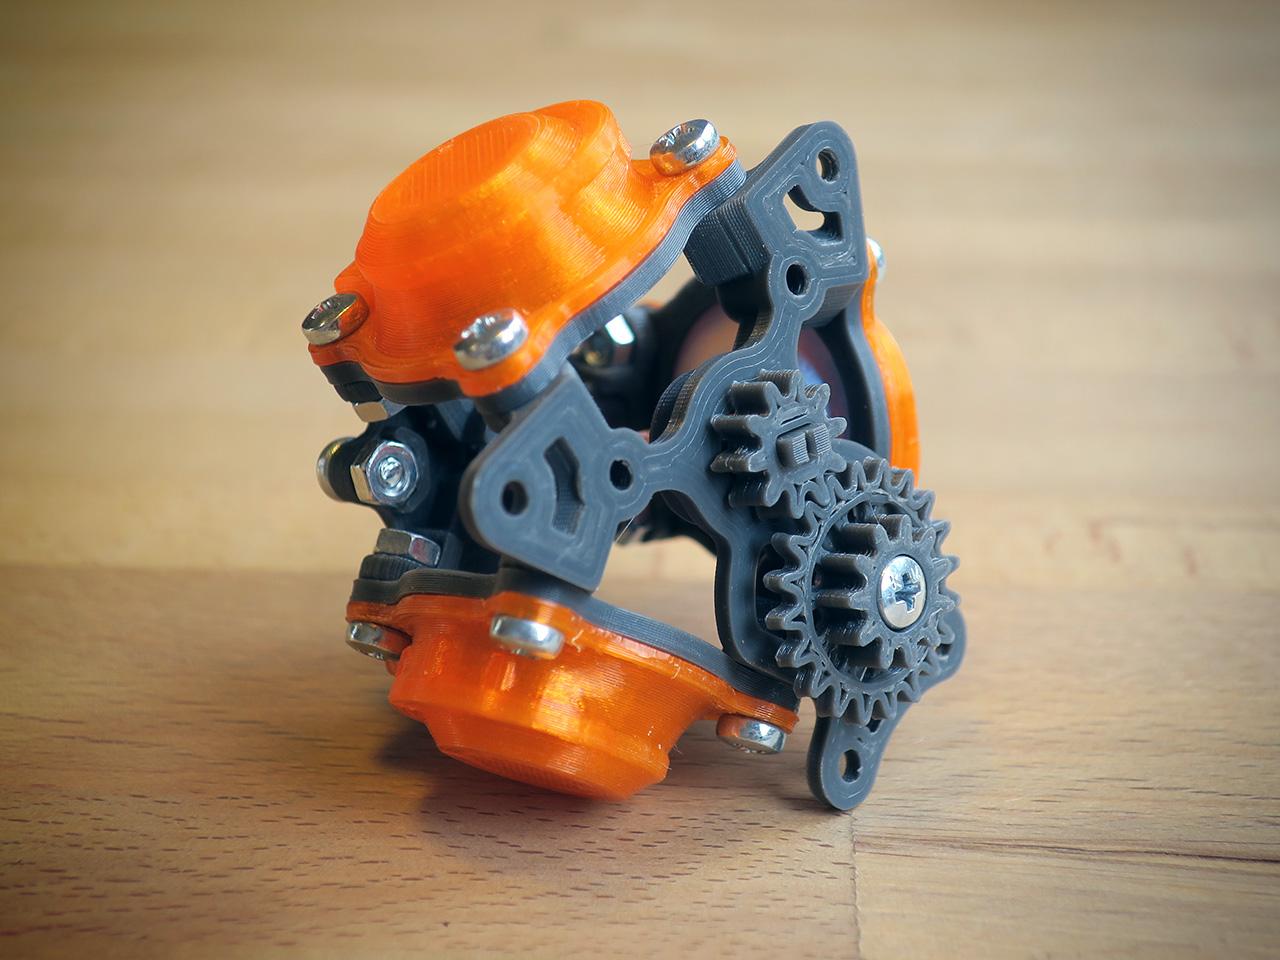 PneuMobile_5.jpg Télécharger fichier STL Pneumobile : Voiture-jouet pneumatique • Plan imprimable en 3D, Slava_Z